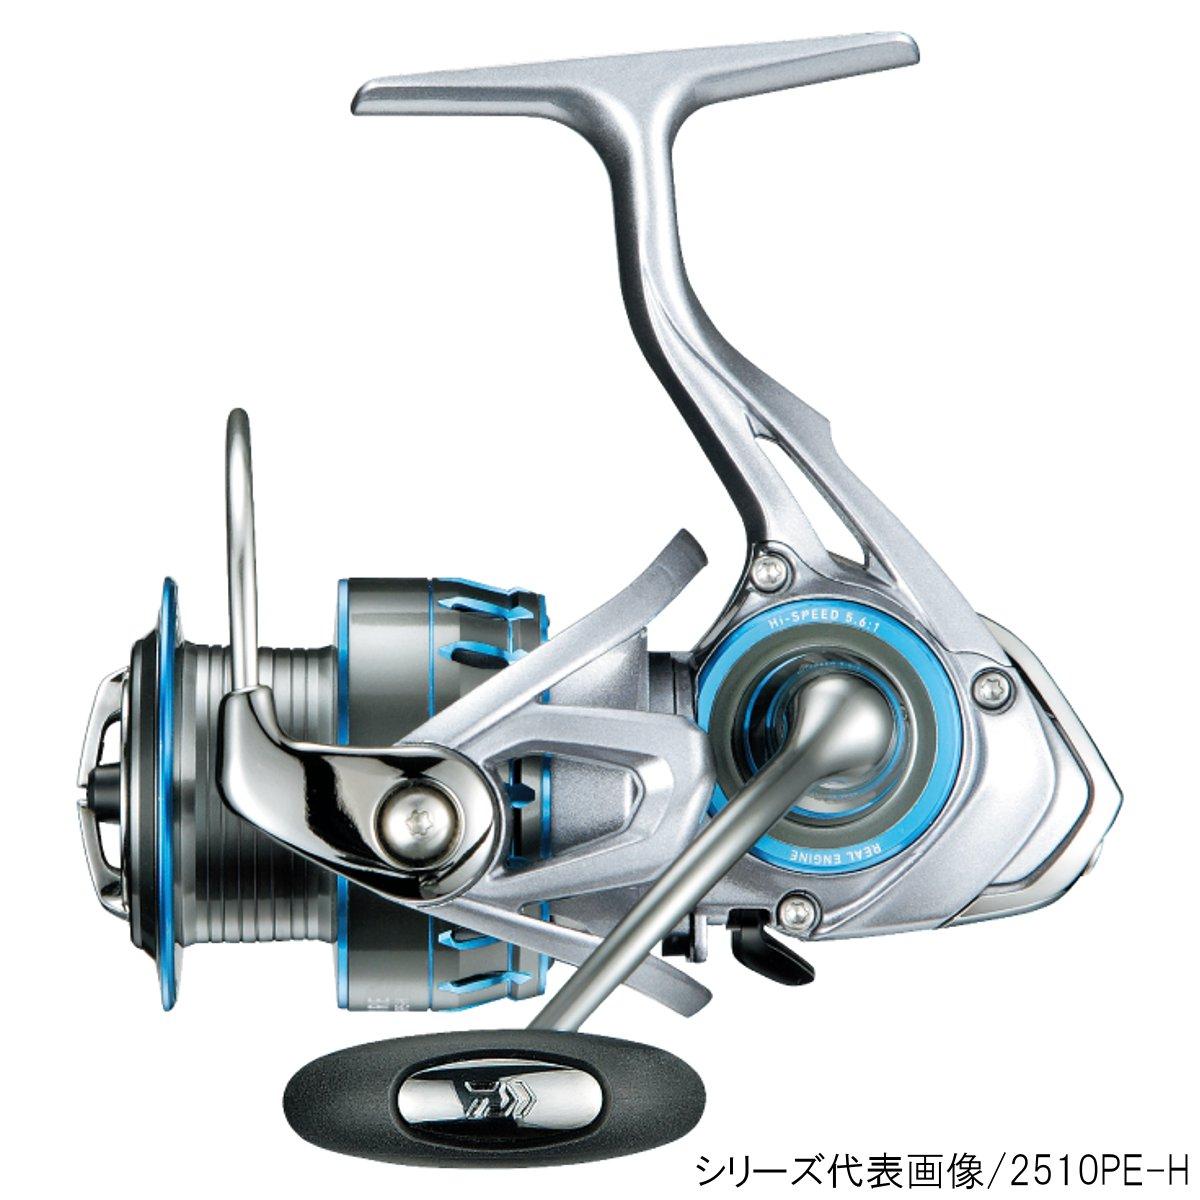 ダイワ Xファイア 2510RPE-H【送料無料】